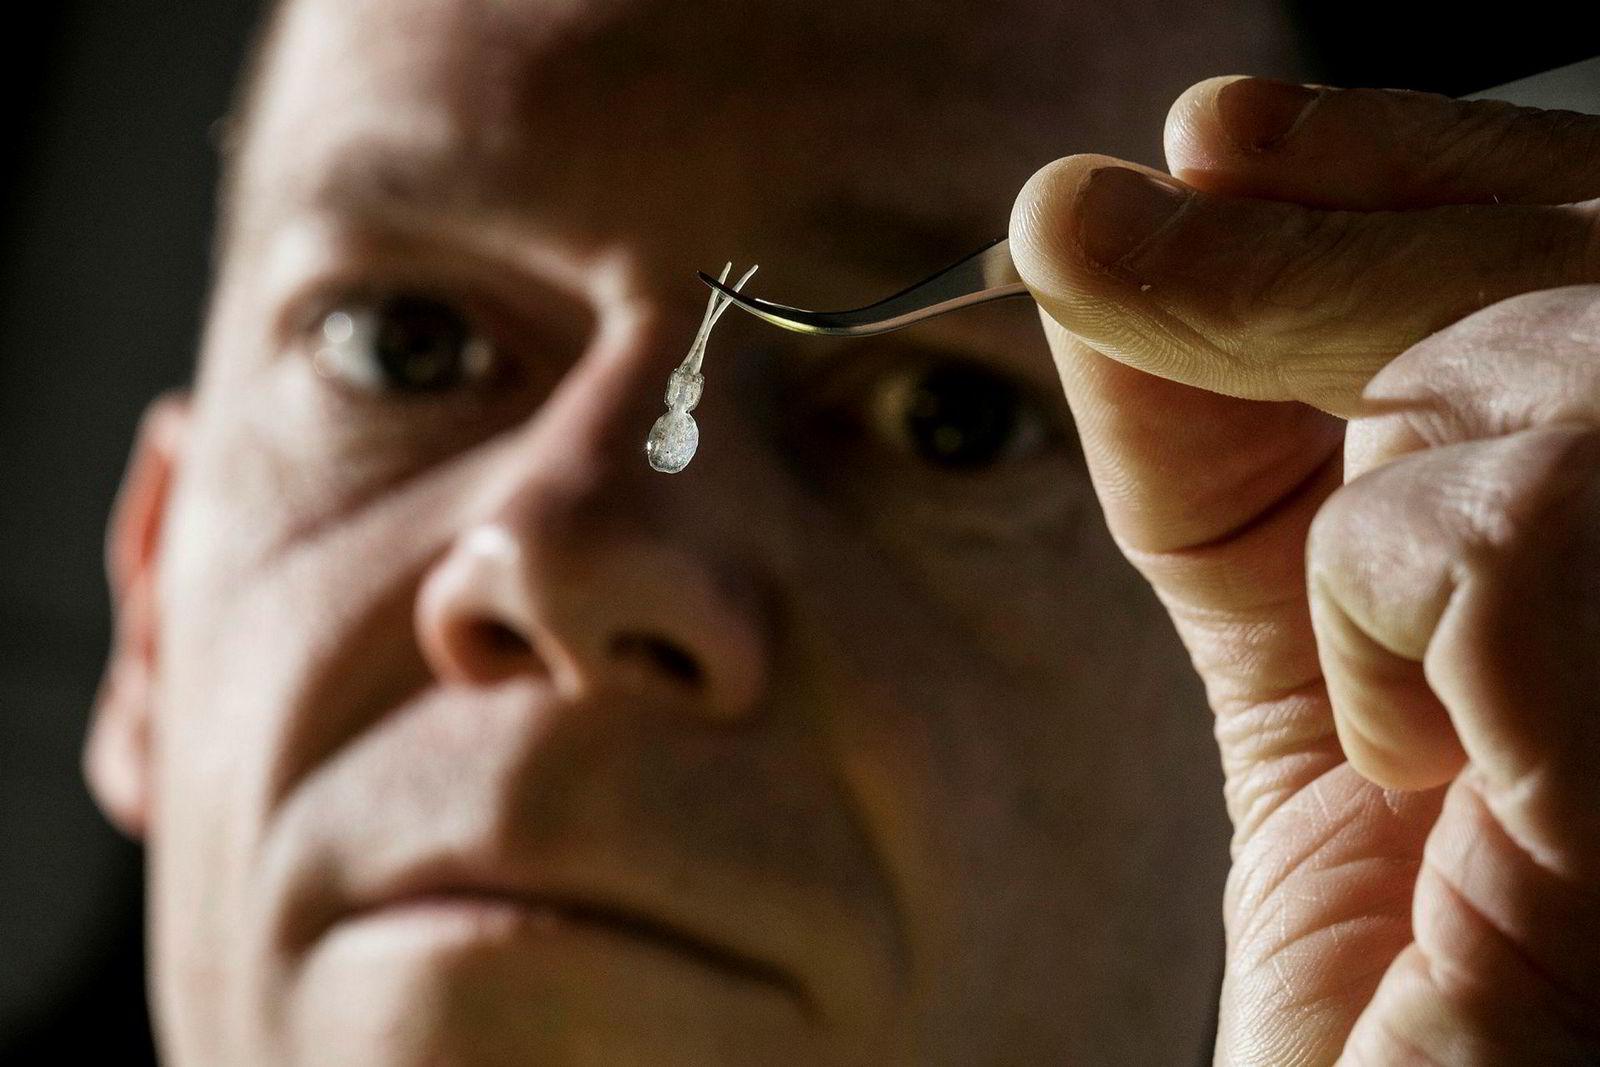 Kevin Glover ved Havforskningsinstituttet holder opp en lakselus. Havforskningsinstituttet i Bergen har påvist at lakselusen er i ferd med å bli motstandsdyktig mot metodene som brukes for å bekjempe den.